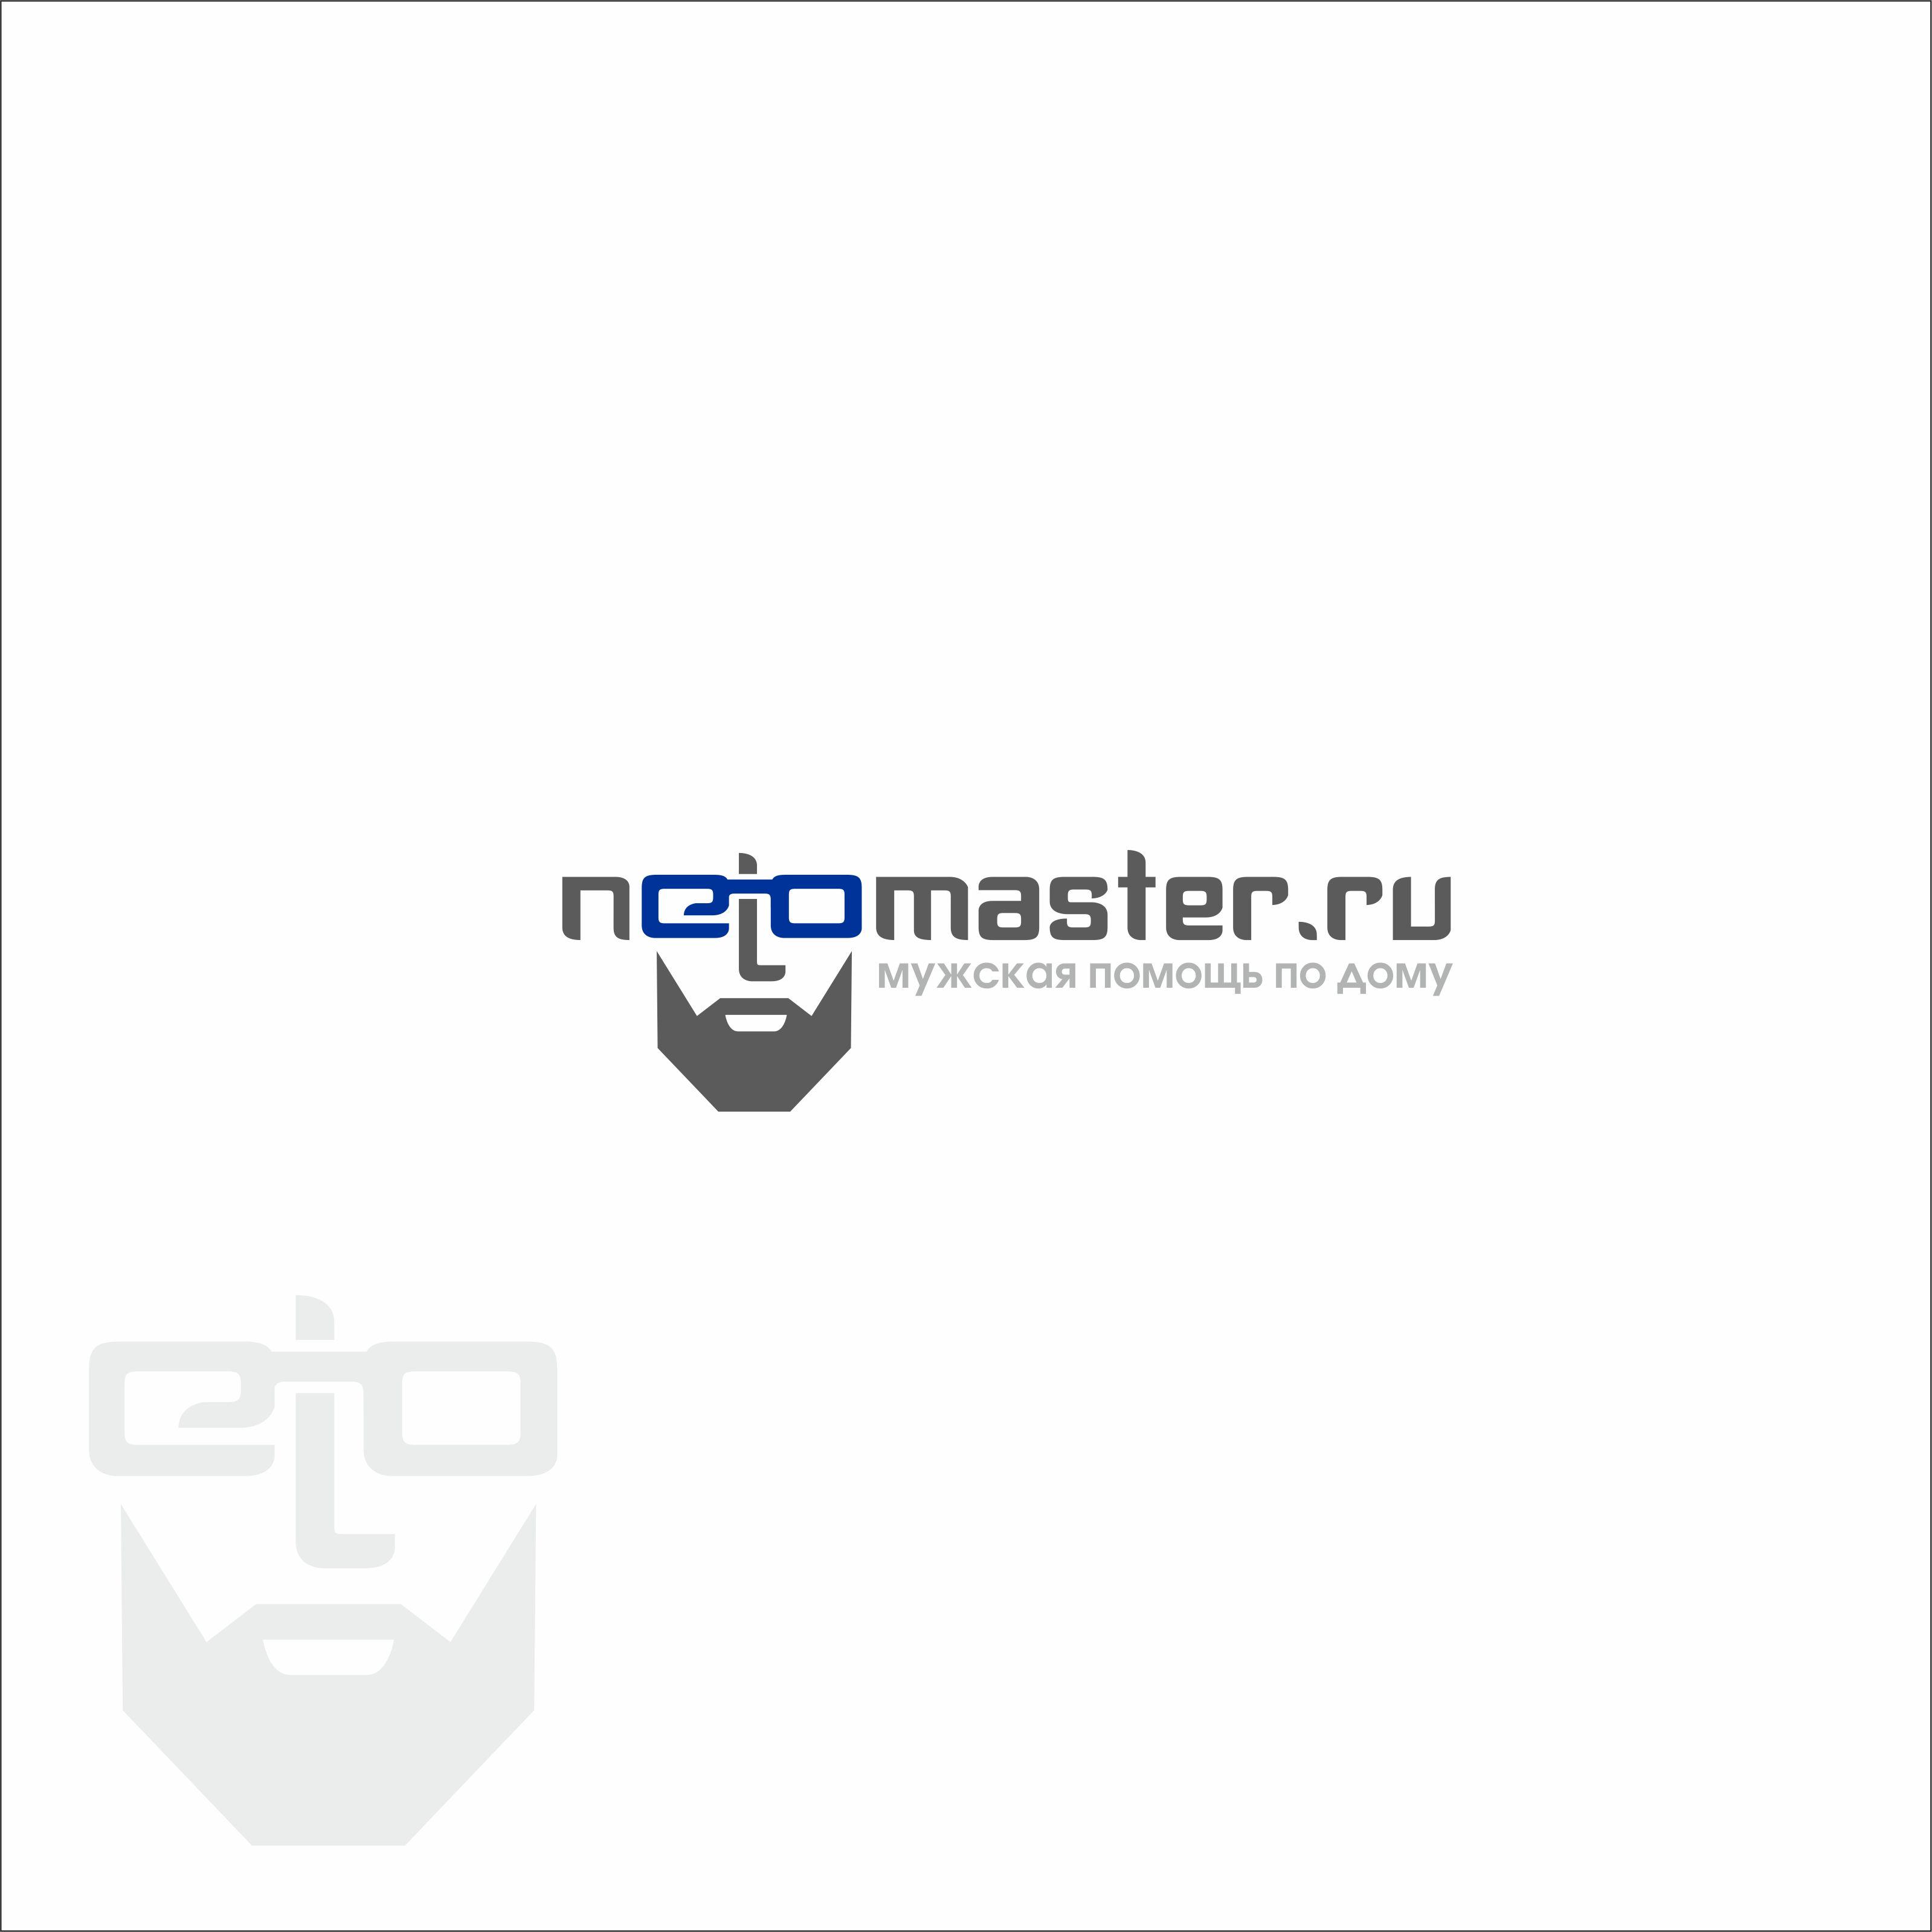 """Логотип сервиса """"Муж на час""""=""""Мужская помощь по дому"""" фото f_1295dbc6bb12d7a9.jpg"""